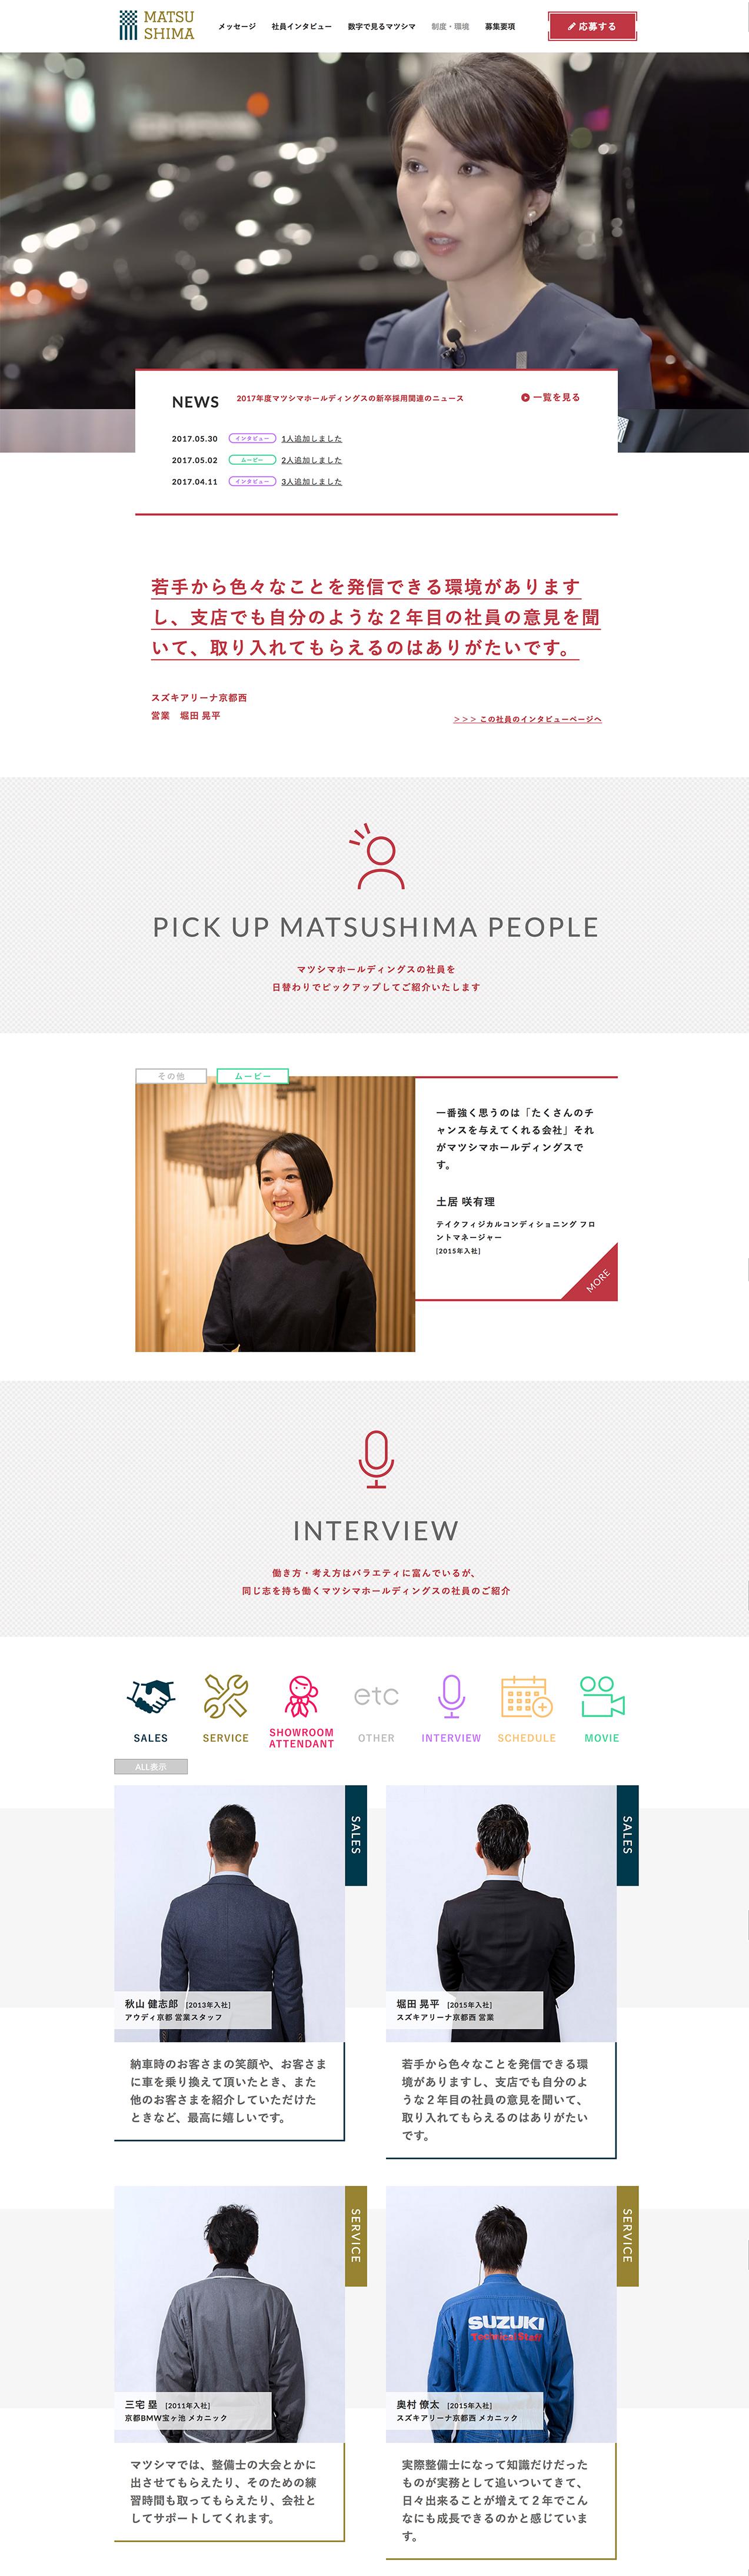 matsushima_re